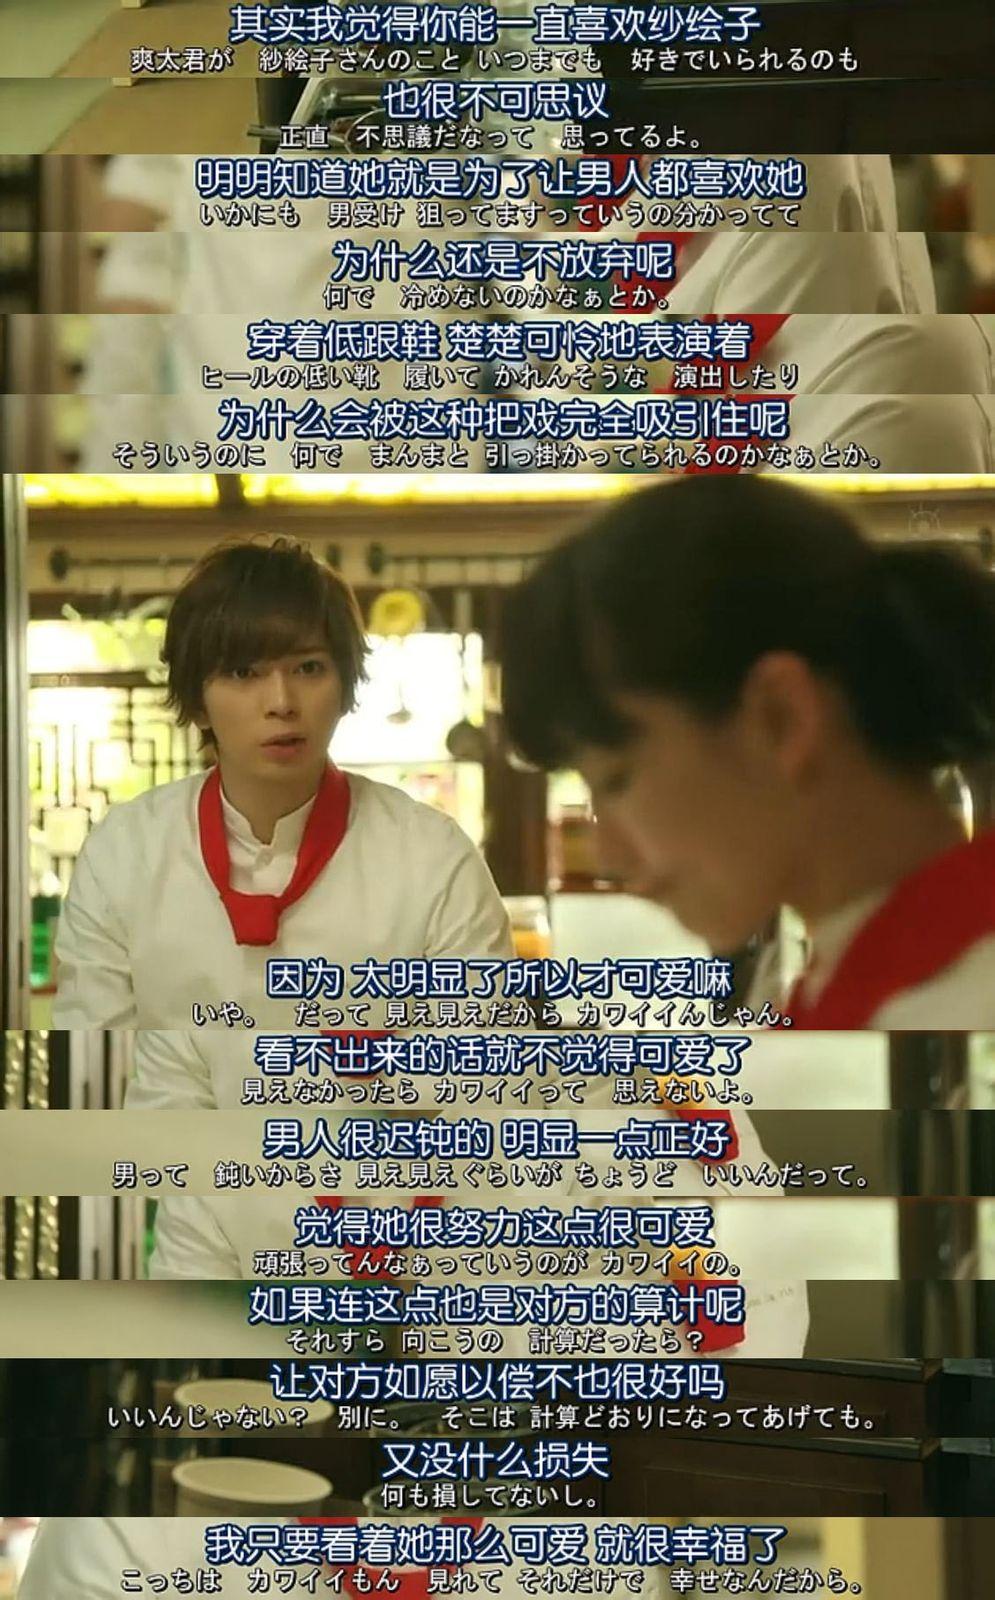 电视剧手机用无线网打仗到电影香港下载的日本电视剧图片